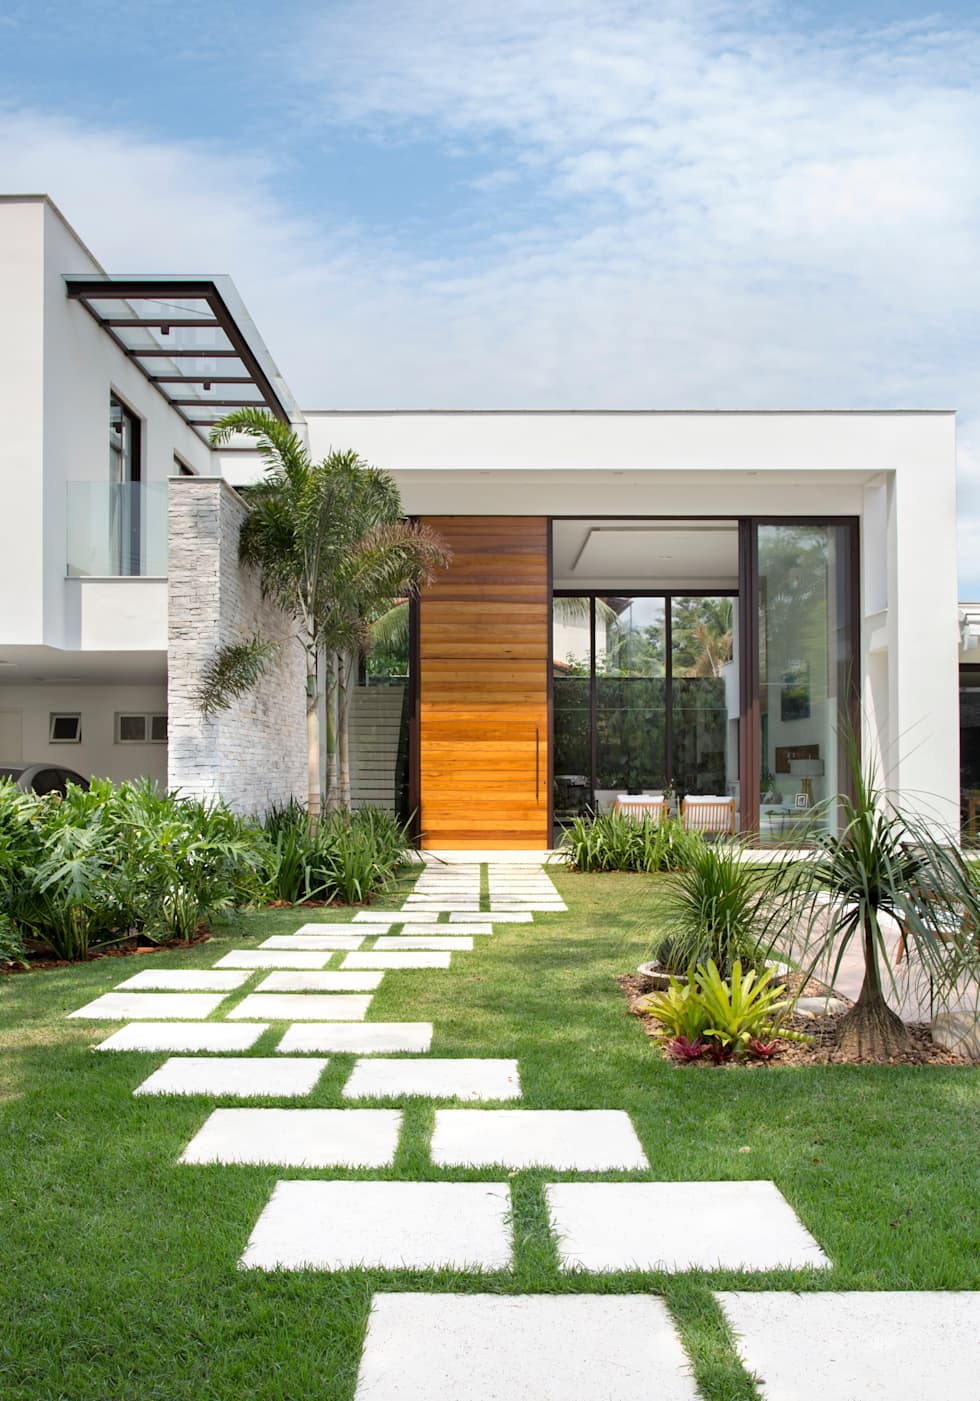 Fotos de decora o design de interiores e reformas homify for Casas modernas con interiores contemporaneos